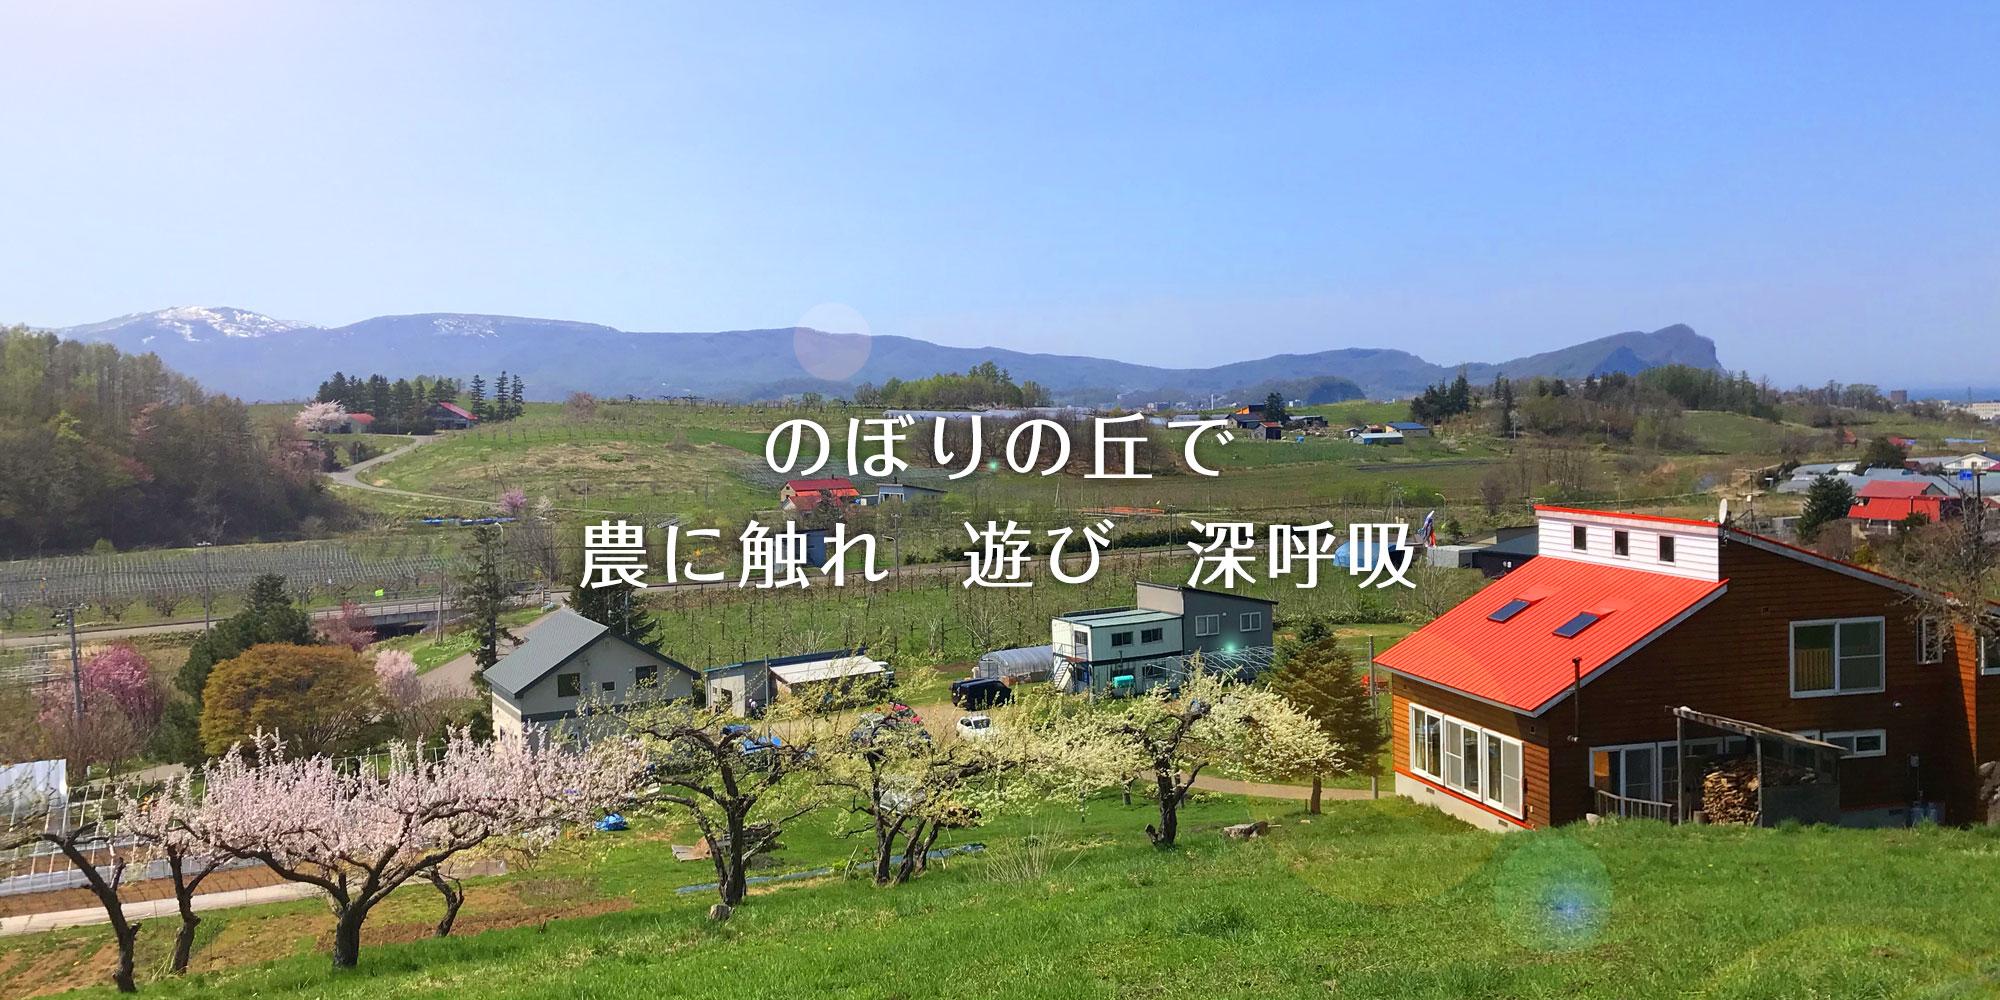 のぼりの丘で 農に触れ 遊び 深呼吸